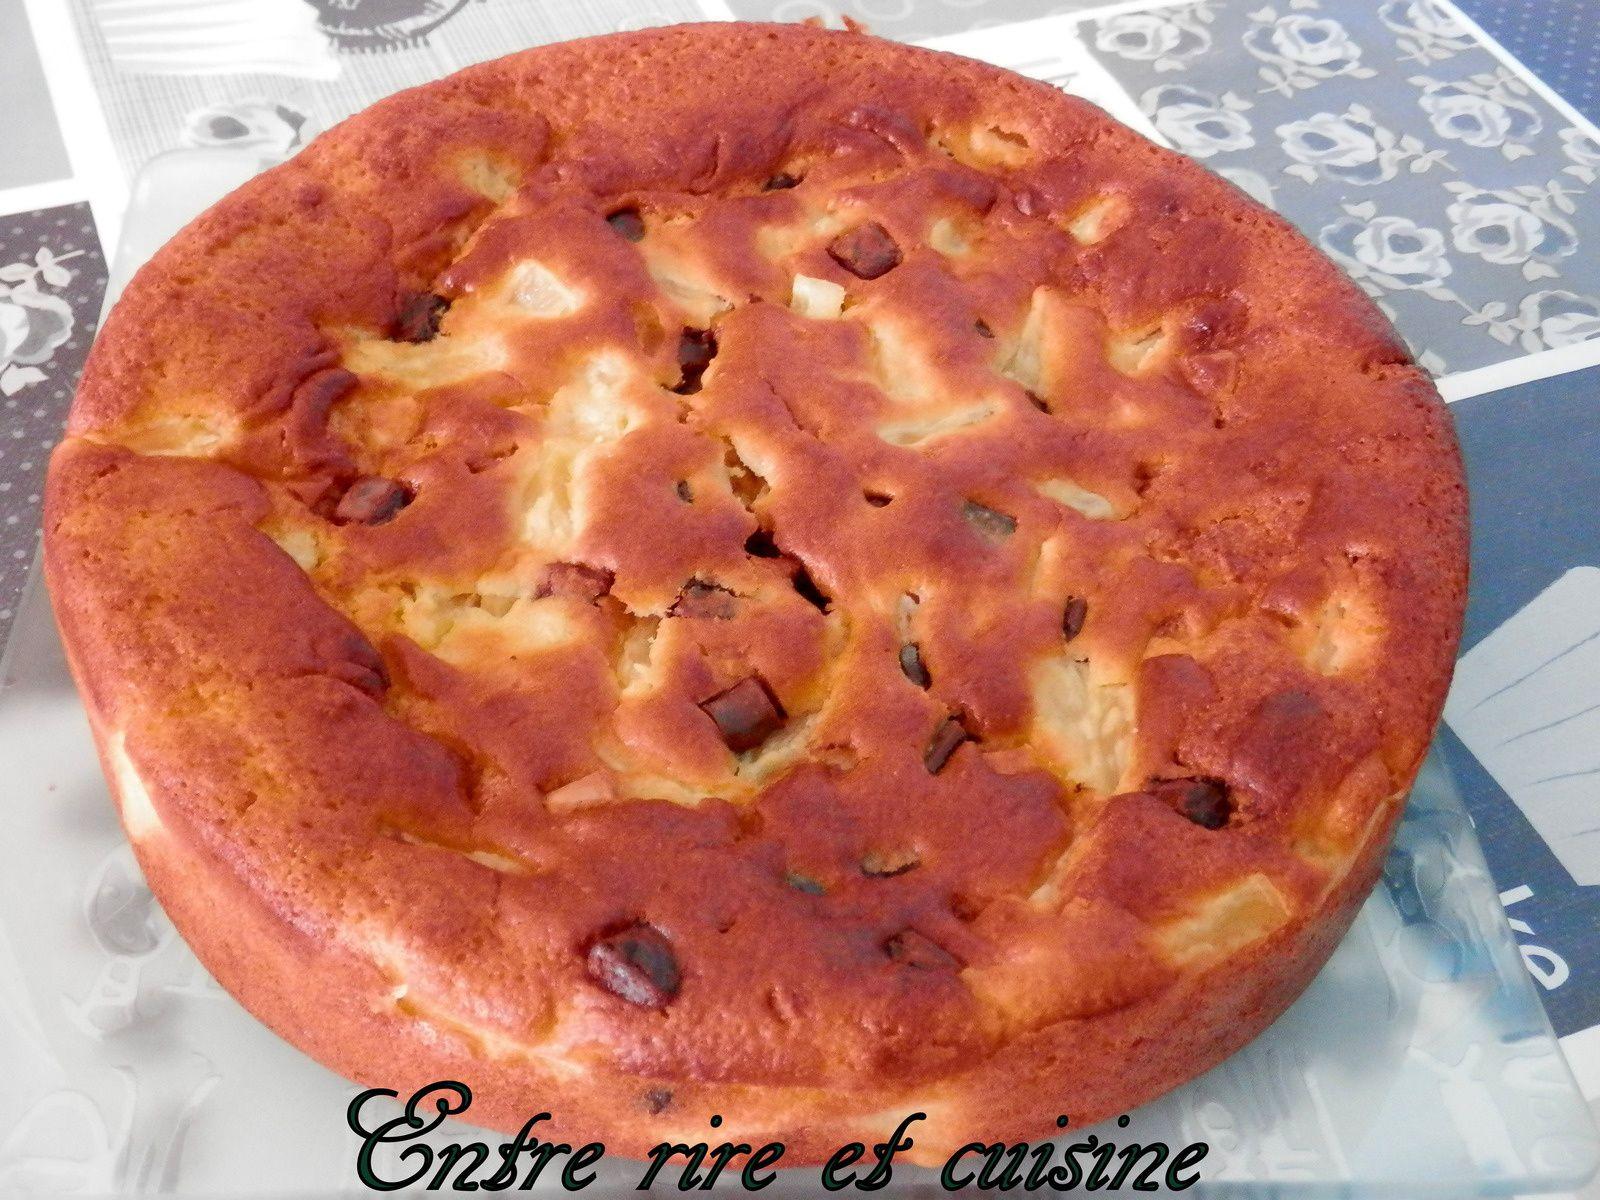 Gâteau au fromage blanc, ananas et chunks aux 3 chocolats